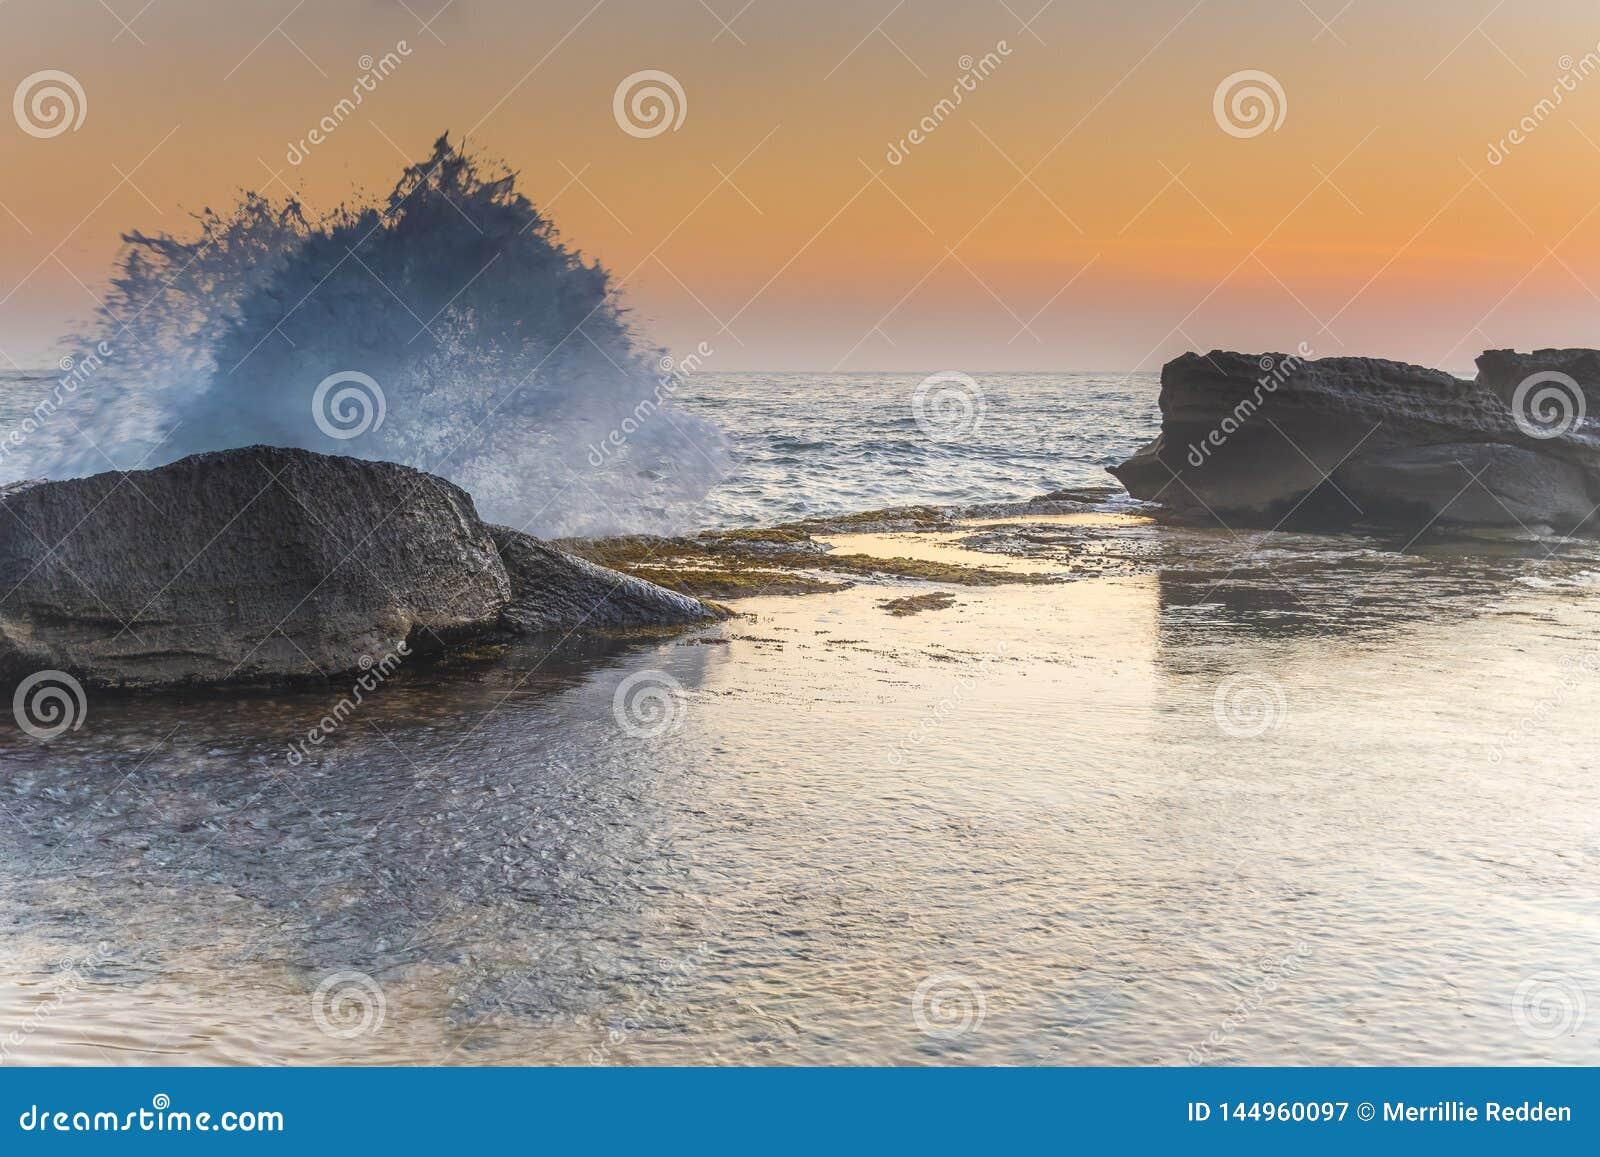 Υγρό Seascape με τους βράχους στο μαλακό πορτοκάλι